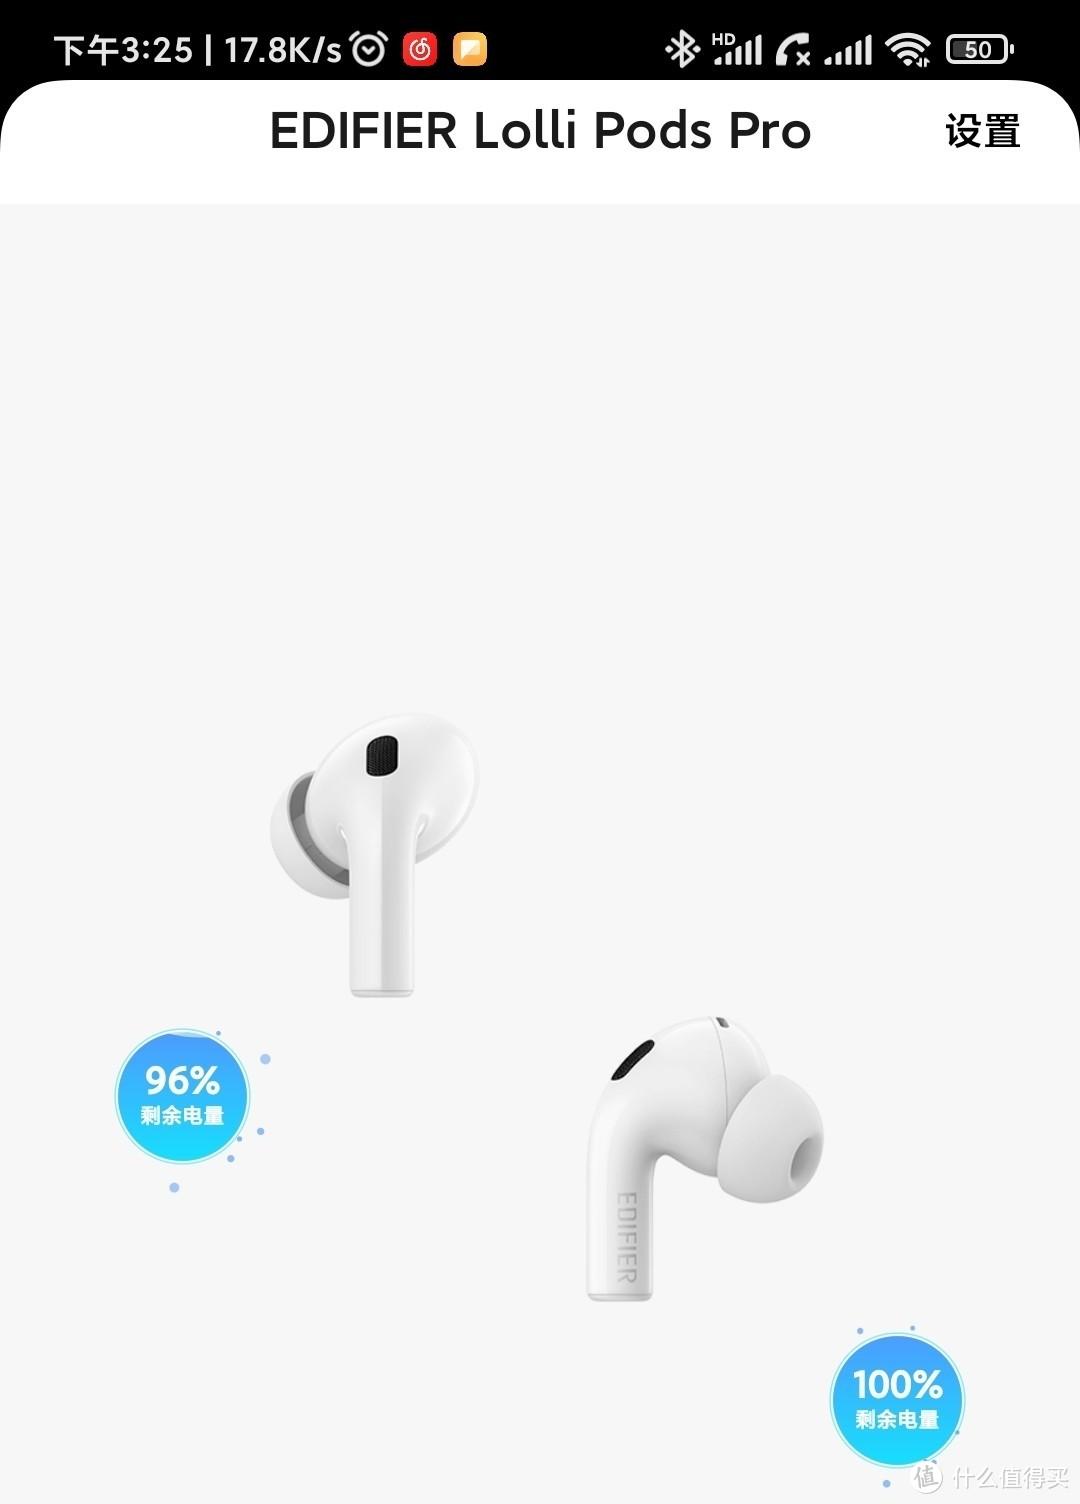 蓝牙耳机体验——从名创优品K66到QCY-T8,再到漫步者Lolipo